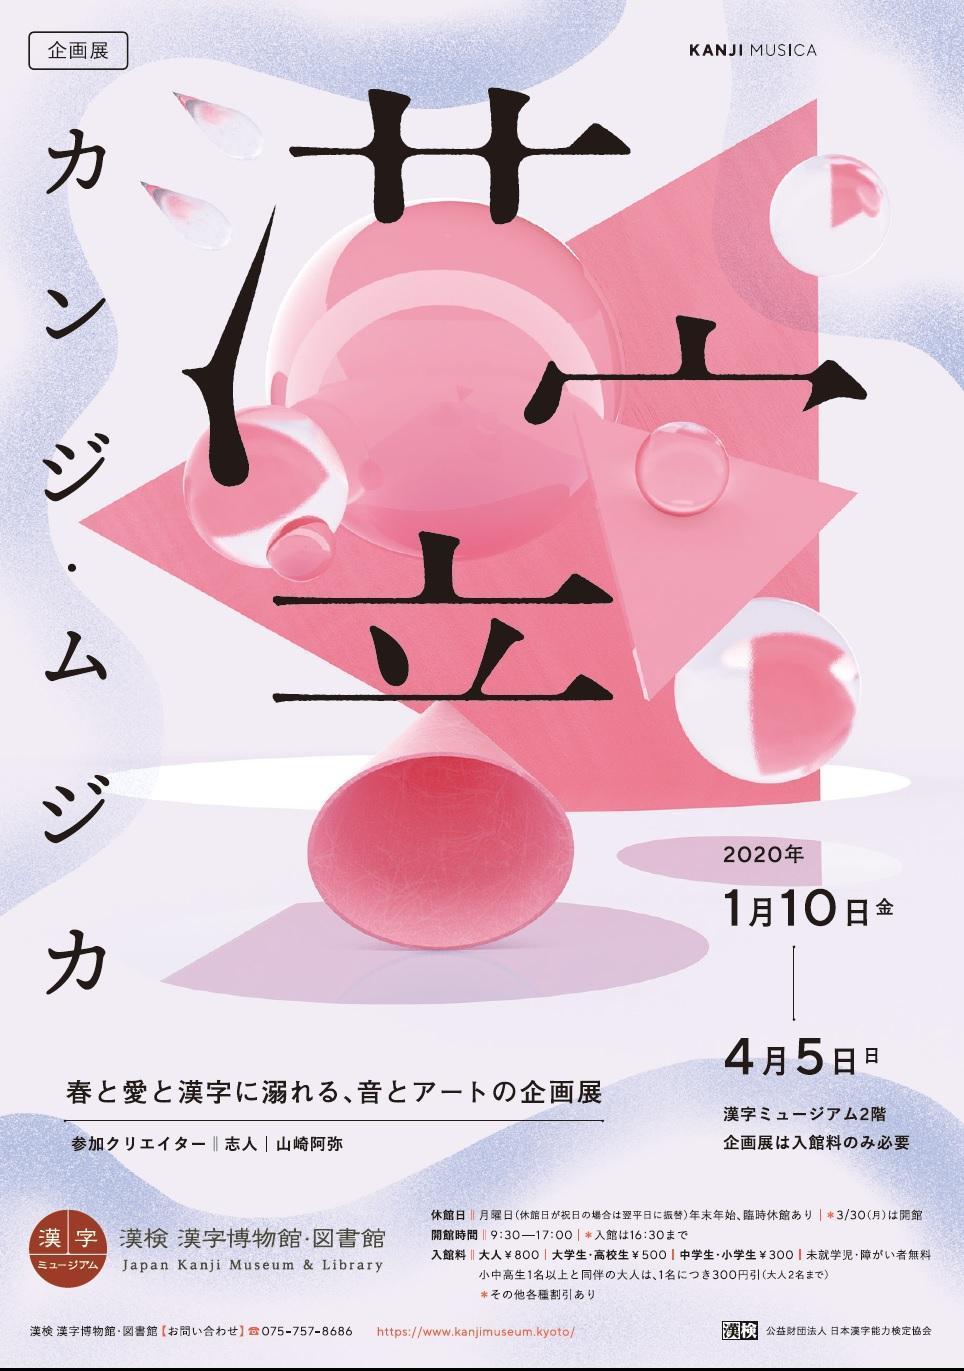 """京都 漢検漢字図書館\""""漢字ミュージアム\""""にて  志人が空間演出を担当した展示が1月10日〜4月5日までの約3ヶ月間展示されております。_d0158942_04011417.jpg"""